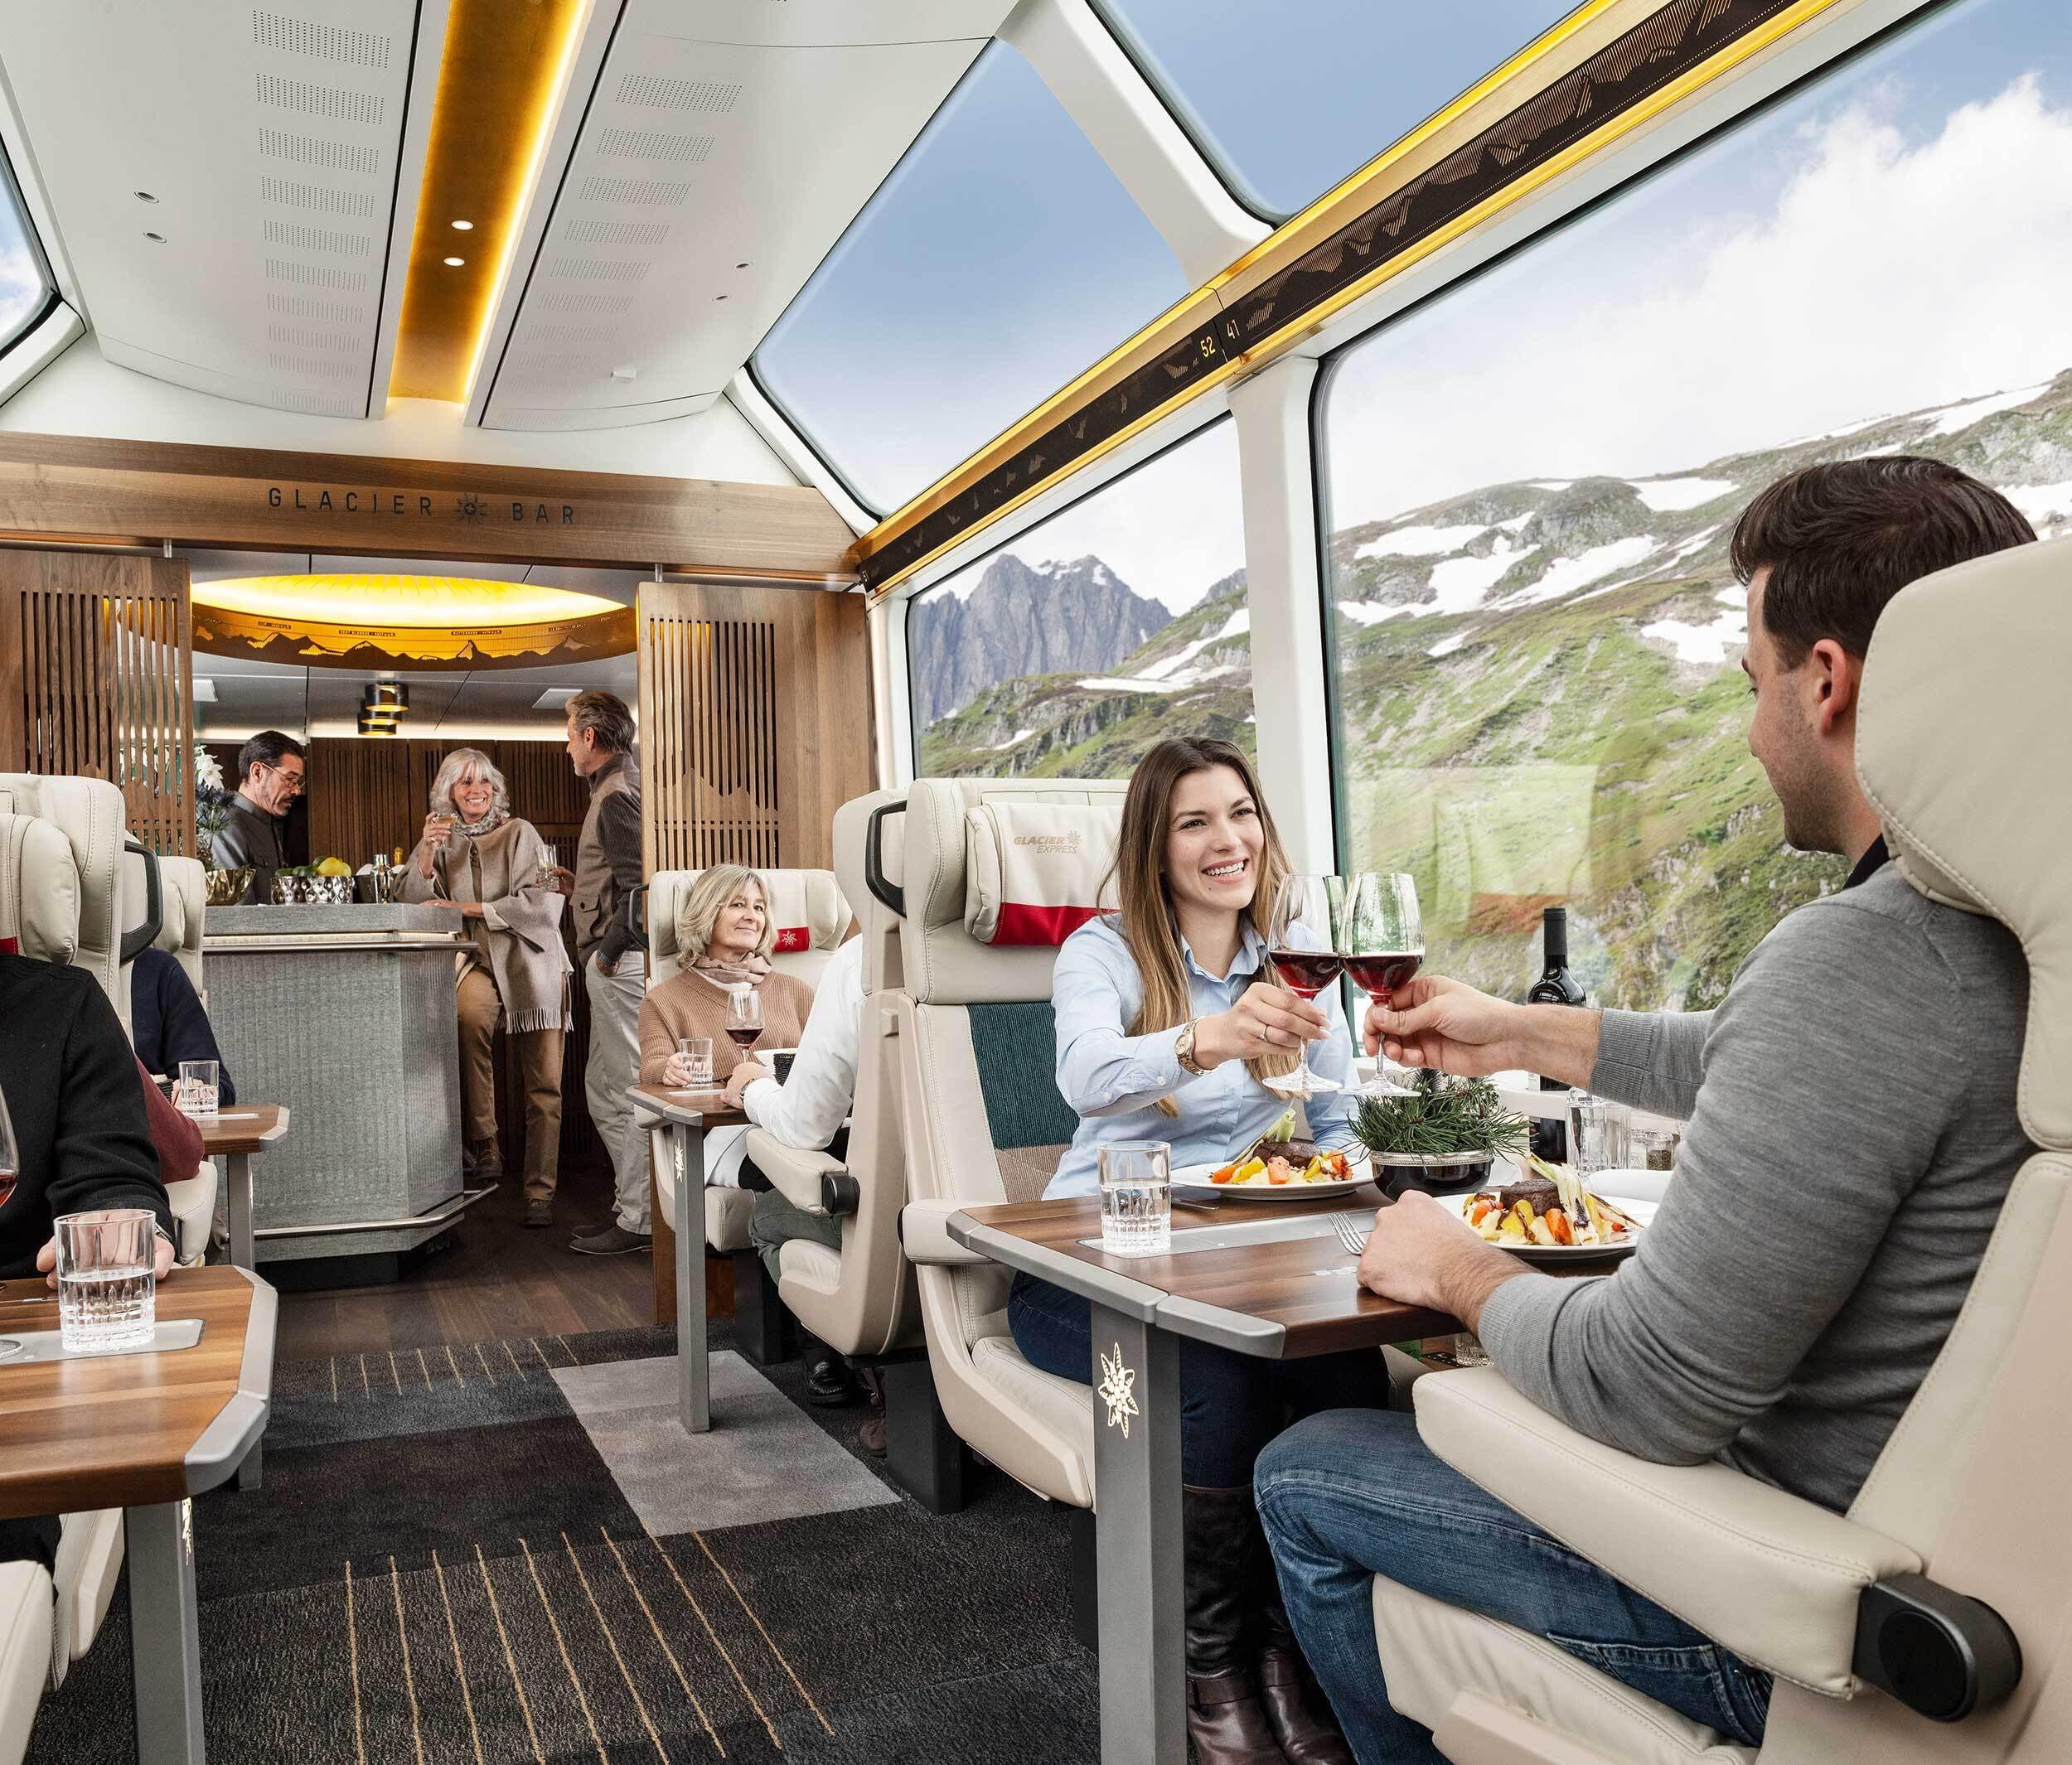 xcellence Class: Die begehrtesten Sitzplätze der Schweiz Die Panoramafahrt durch die Schweizer Alpen im Glacier Express ist jetzt noch spektakulärer. Die neue Excellence Class setzt Massstäbe, die so hoch sind wie die Berggipfel entlang der legendären Strecke